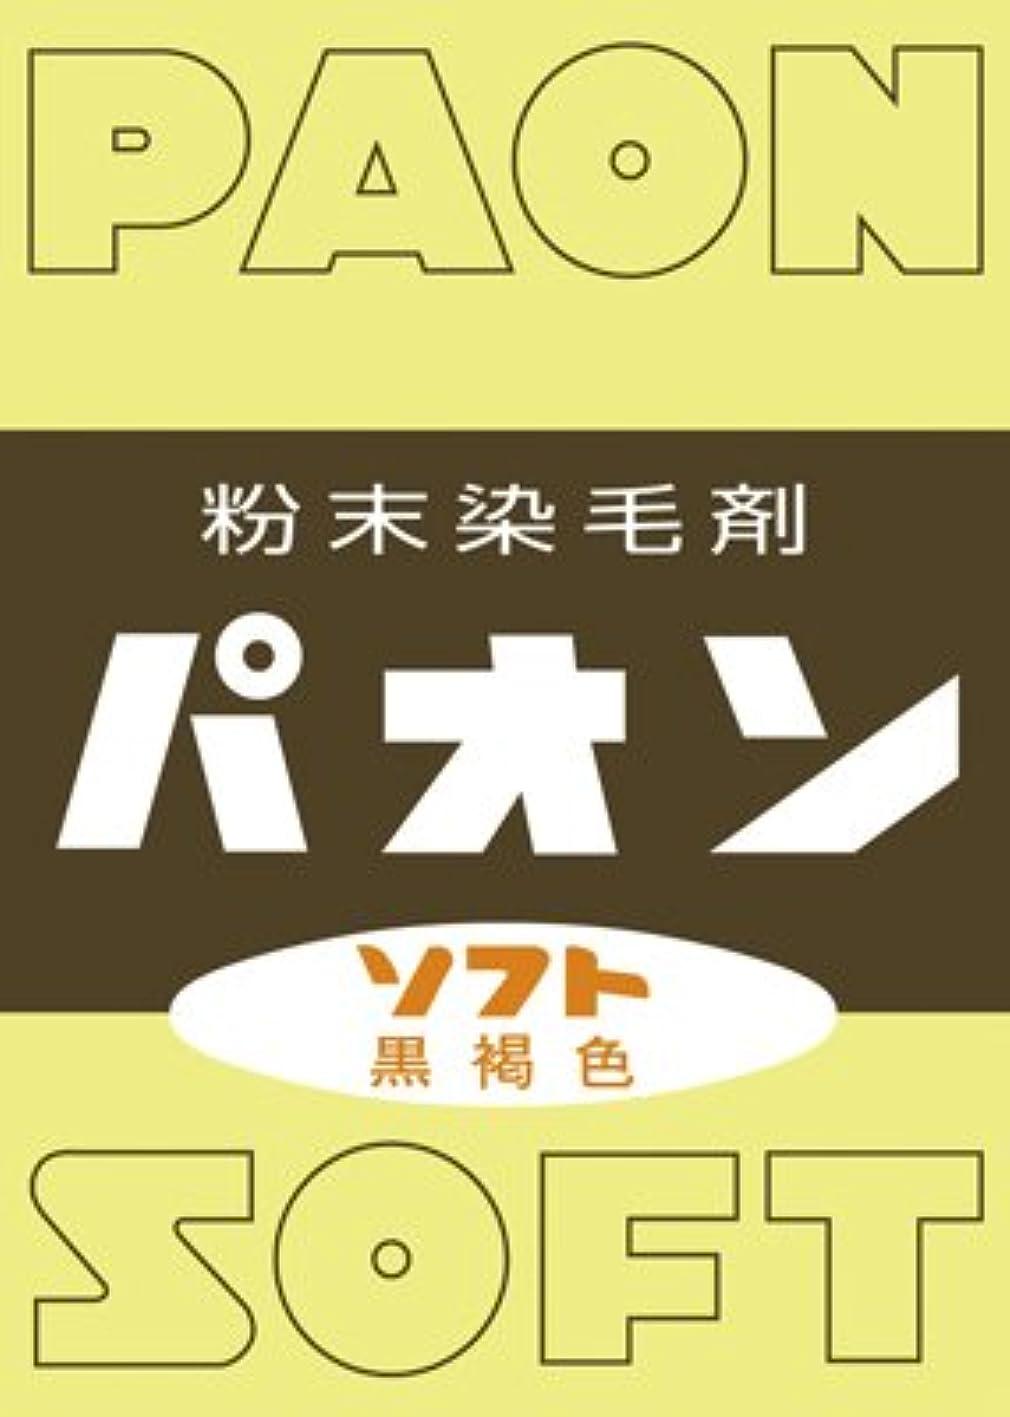 行うバルーン勇敢な粉末染毛剤 パオン 黒褐色 6g × 120個セット